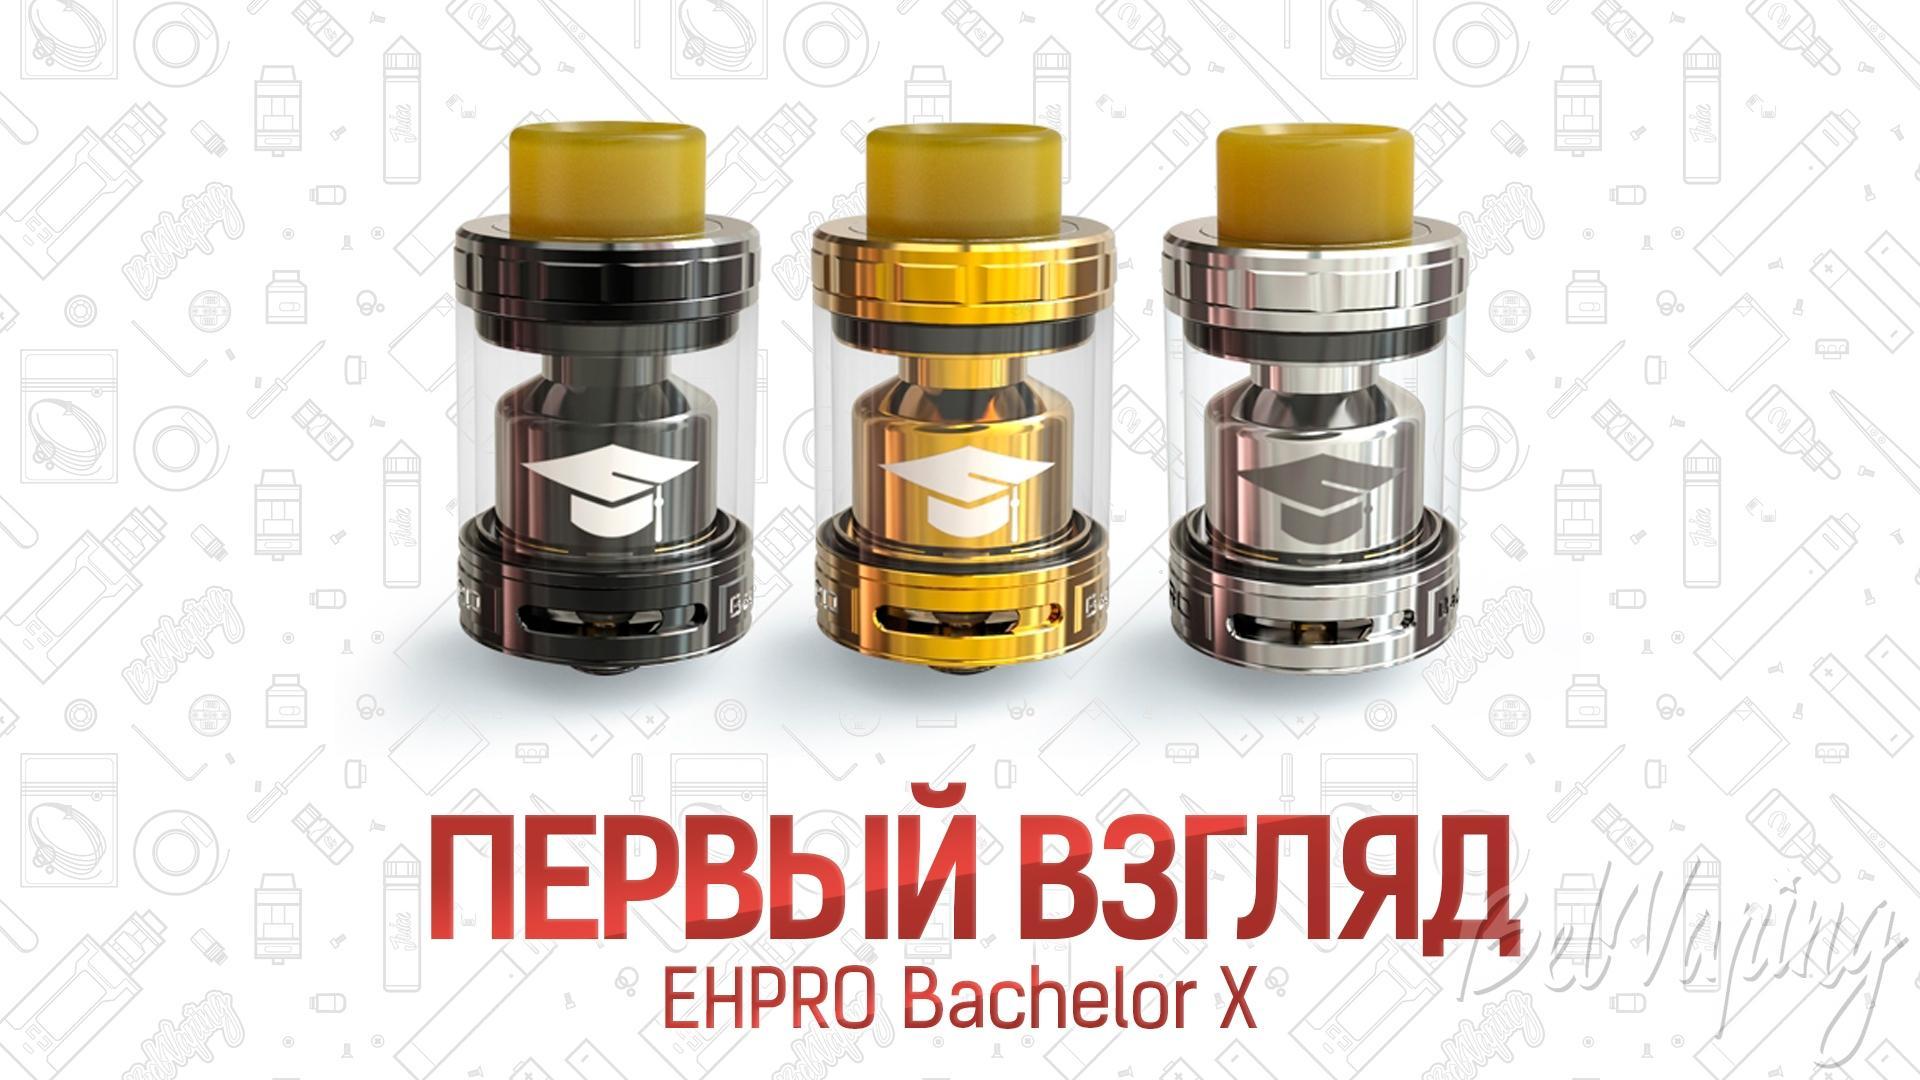 EHPRO Bachelor X. Первый взгляд